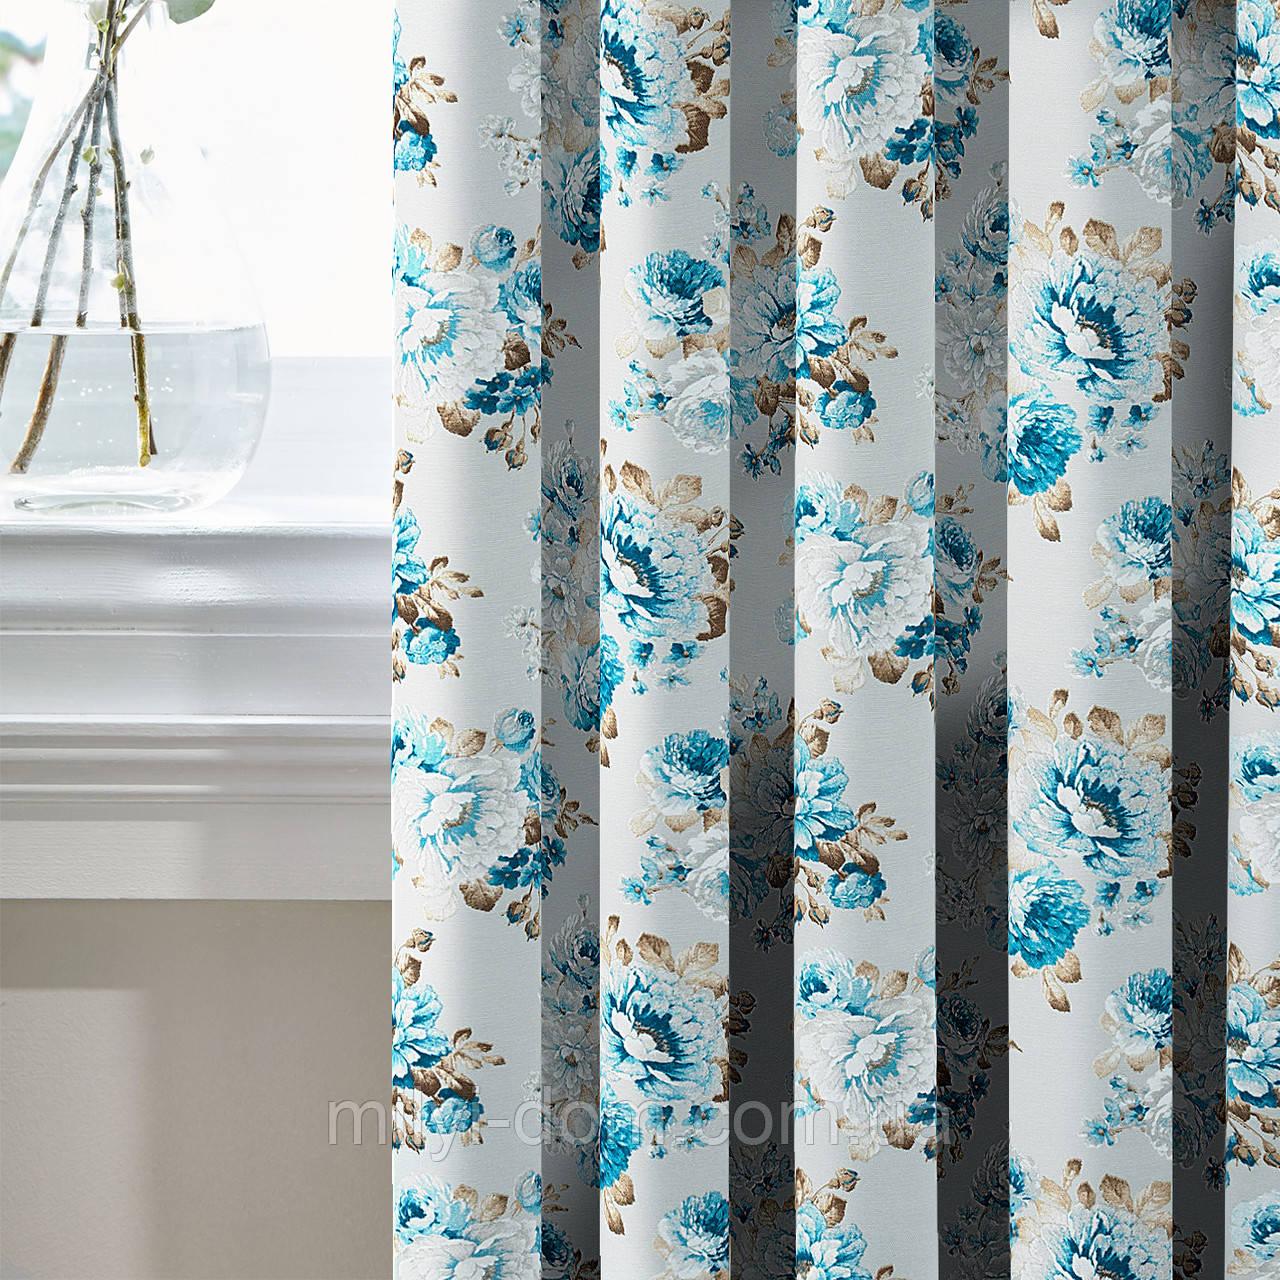 Шторы в стиле Прованс АКИЛ Синий Крупные цветы (MG-SHT-86052), 170*135 см (2 шт.)